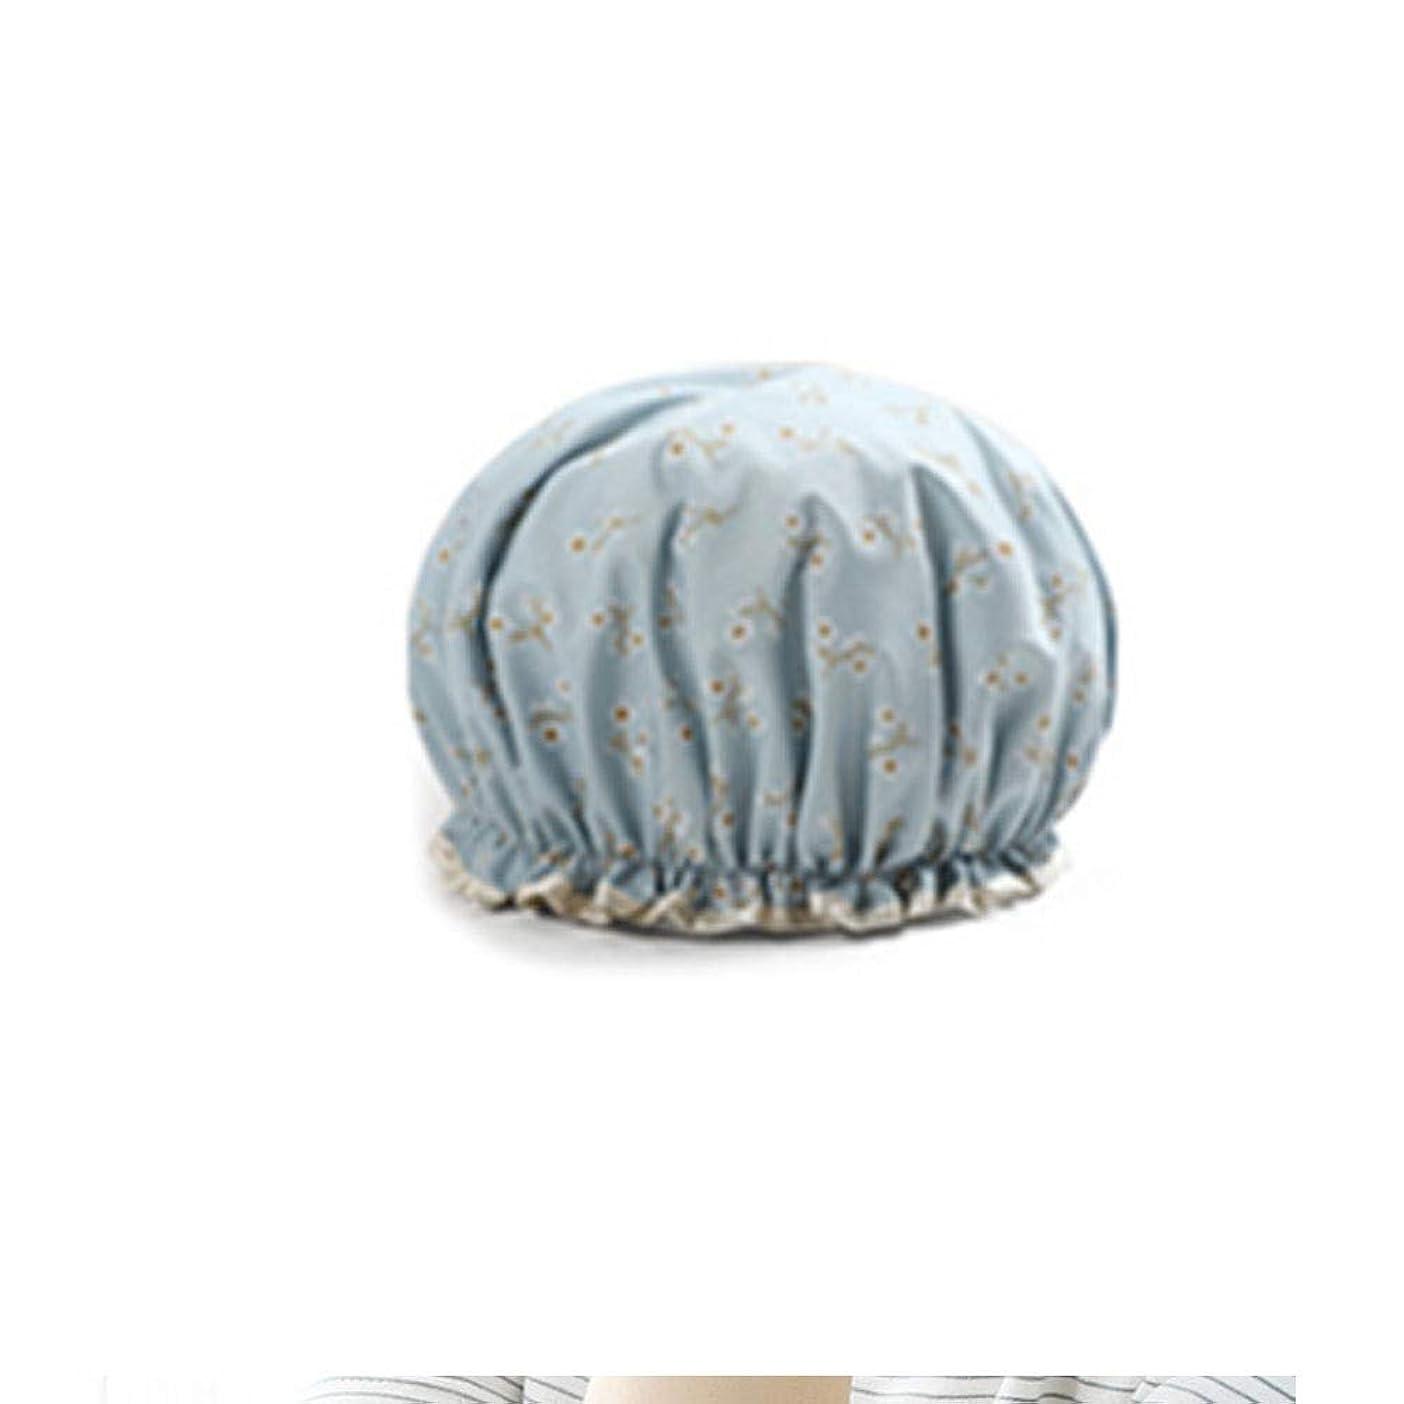 前任者後追加するYUXUANCIXIU シャワーキャップ、レディースシャワーキャップレディース用のすべての髪の長さと太さのデラックスシャワーキャップ - 防水とカビ防止、再利用可能なシャワーキャップ。 家庭用品 (Color : 5)